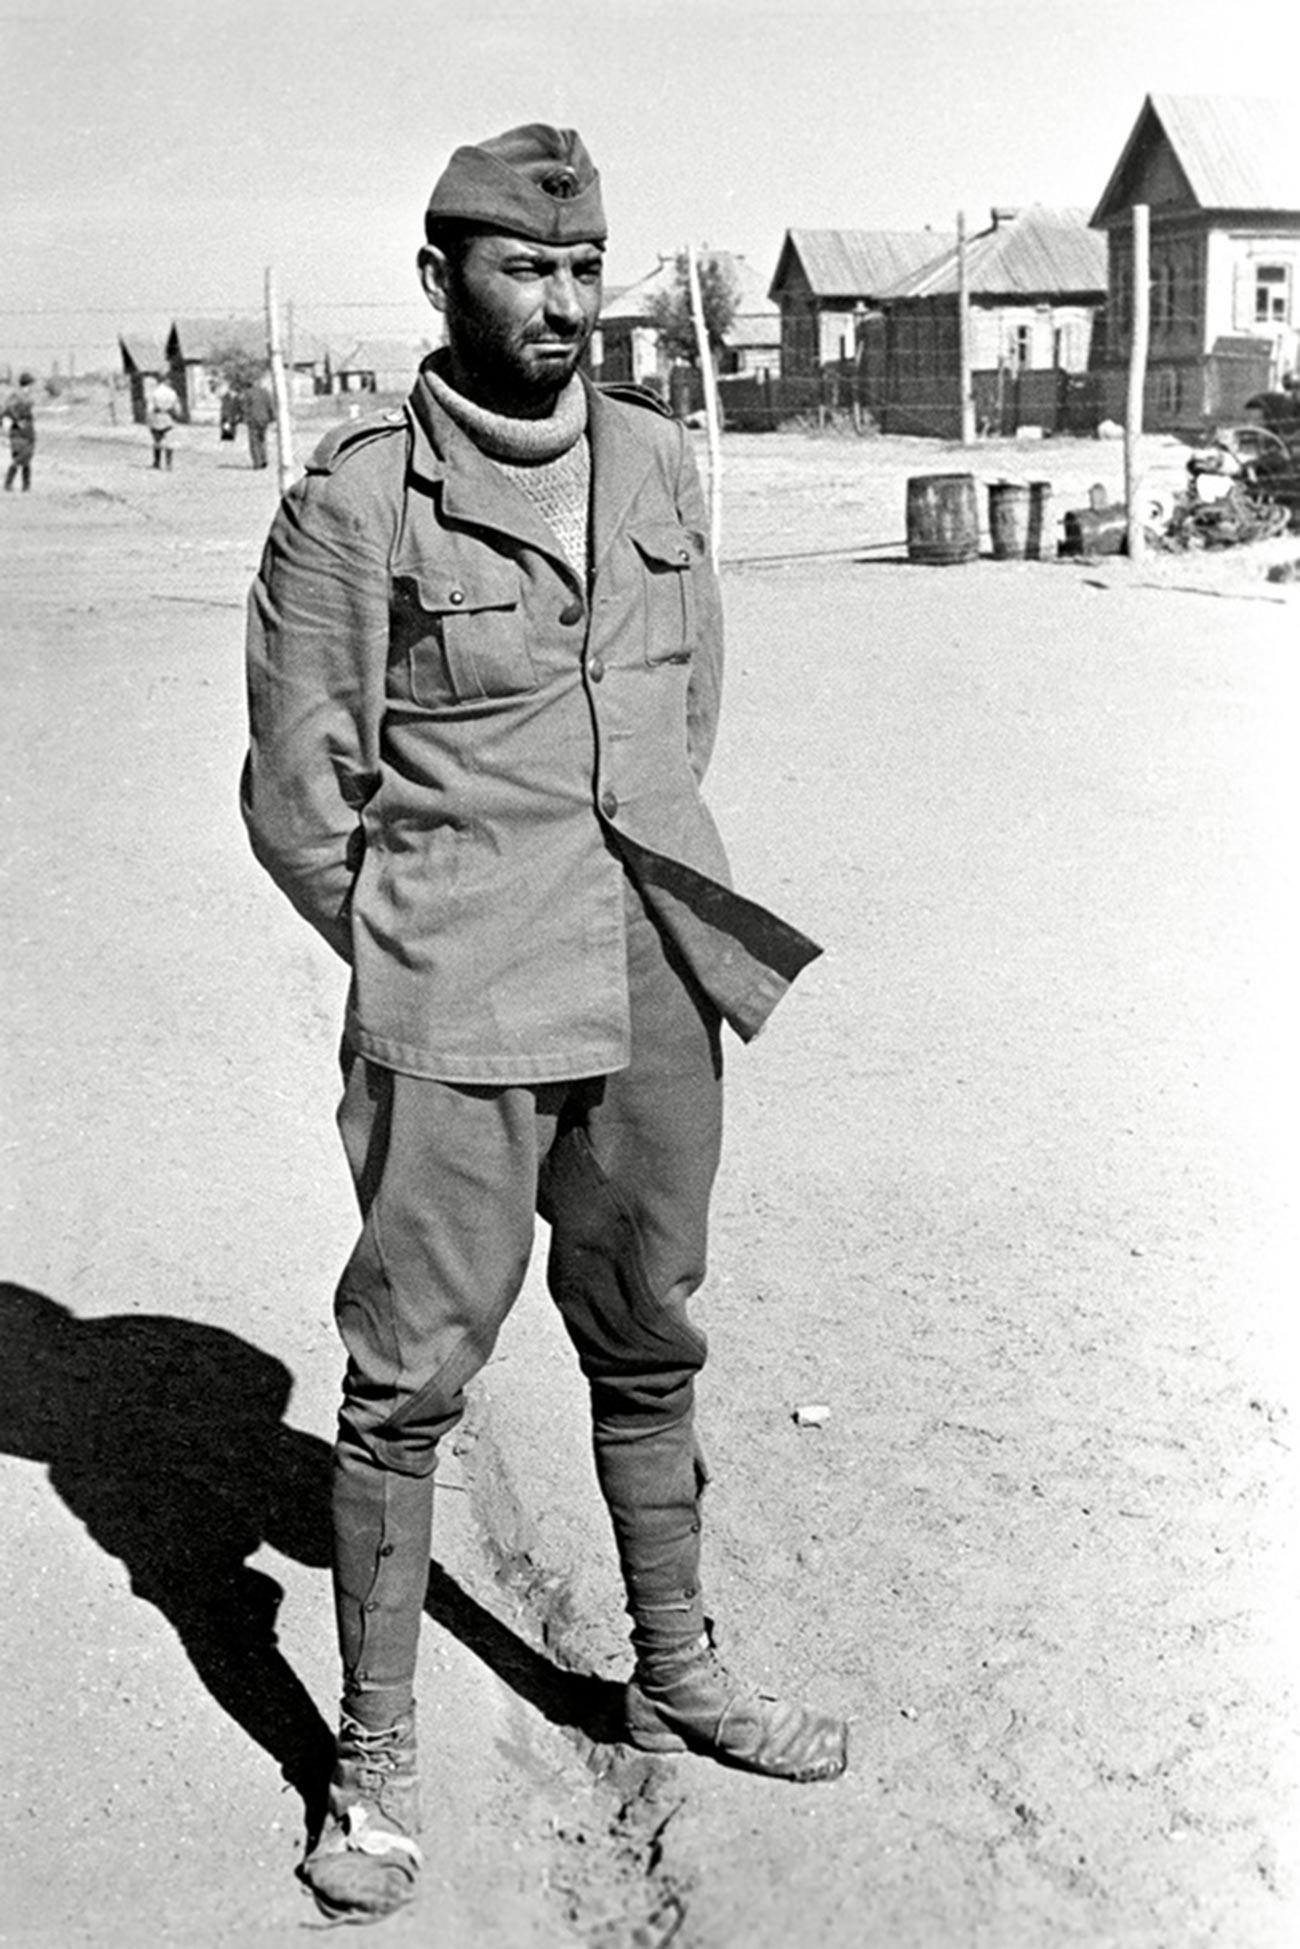 Prigioniero di guerra rumeno